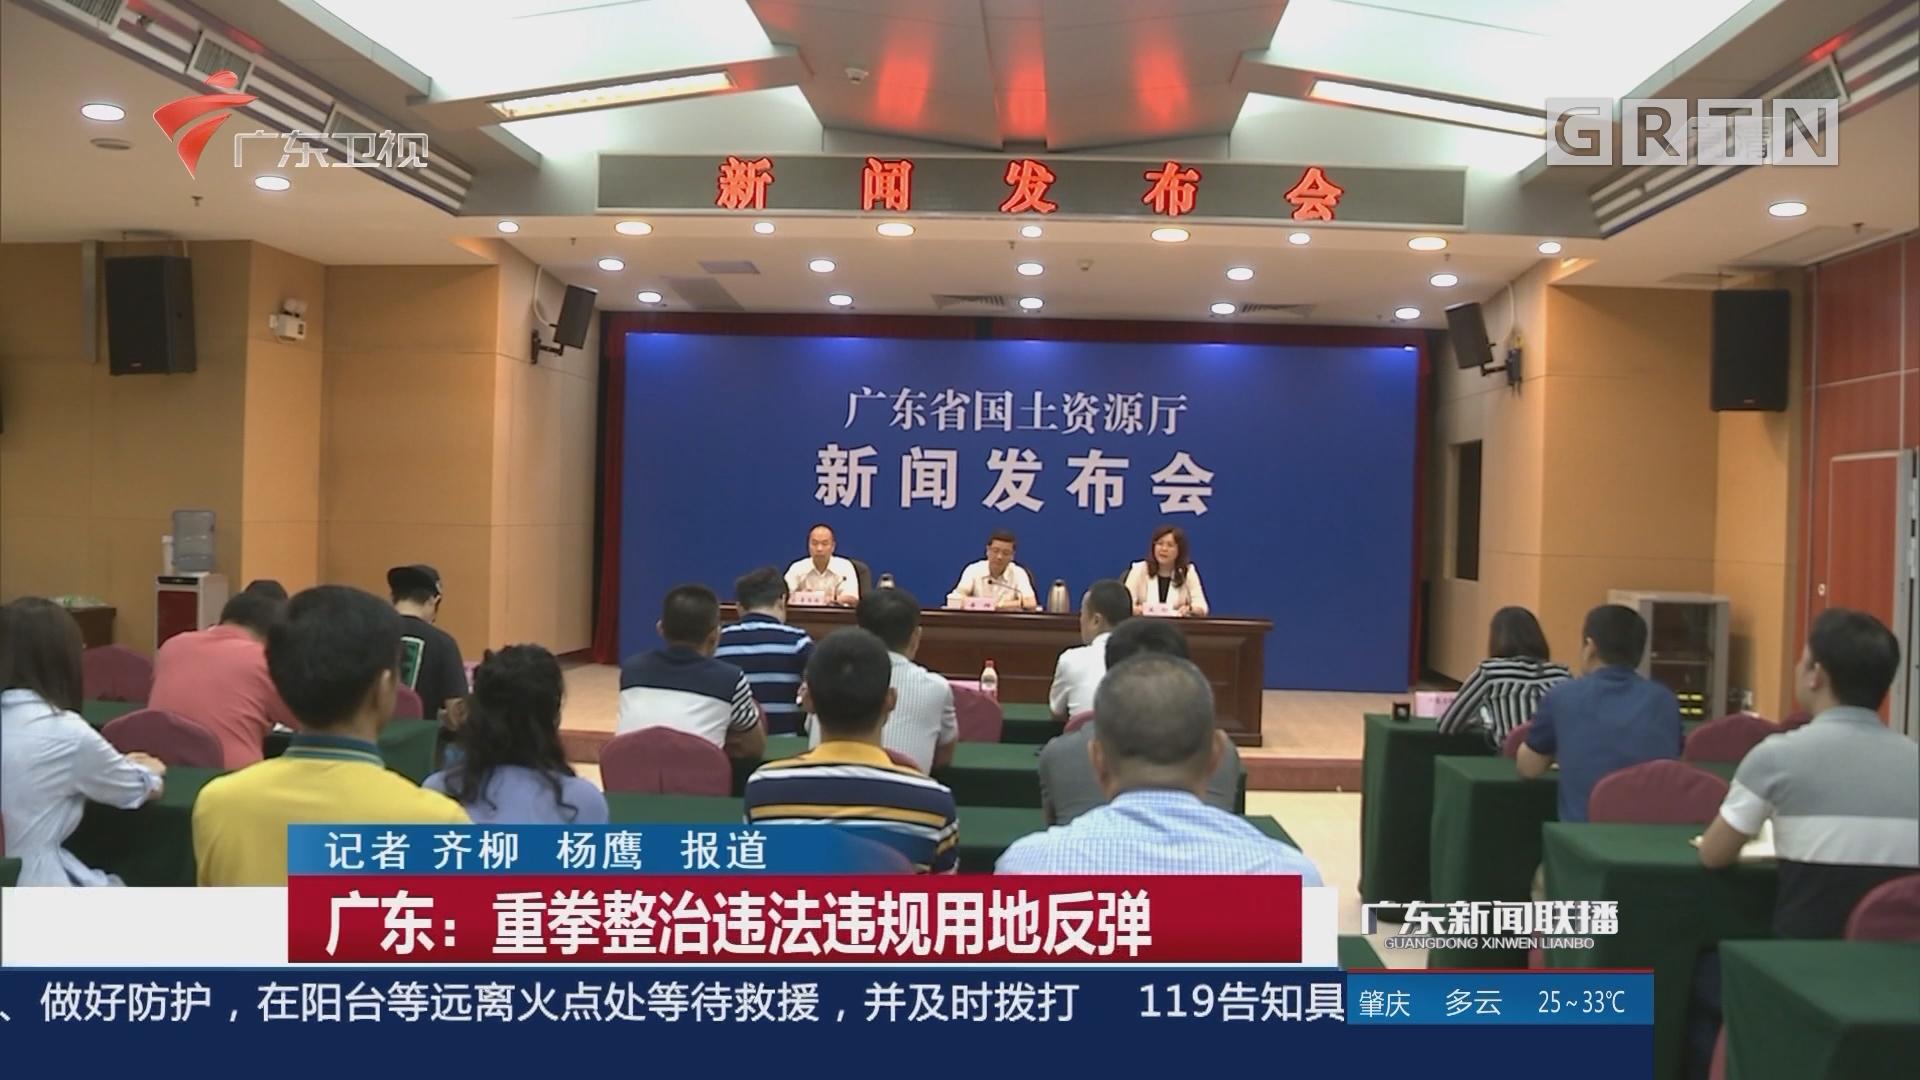 广东:重拳整治违法违规用地反弹